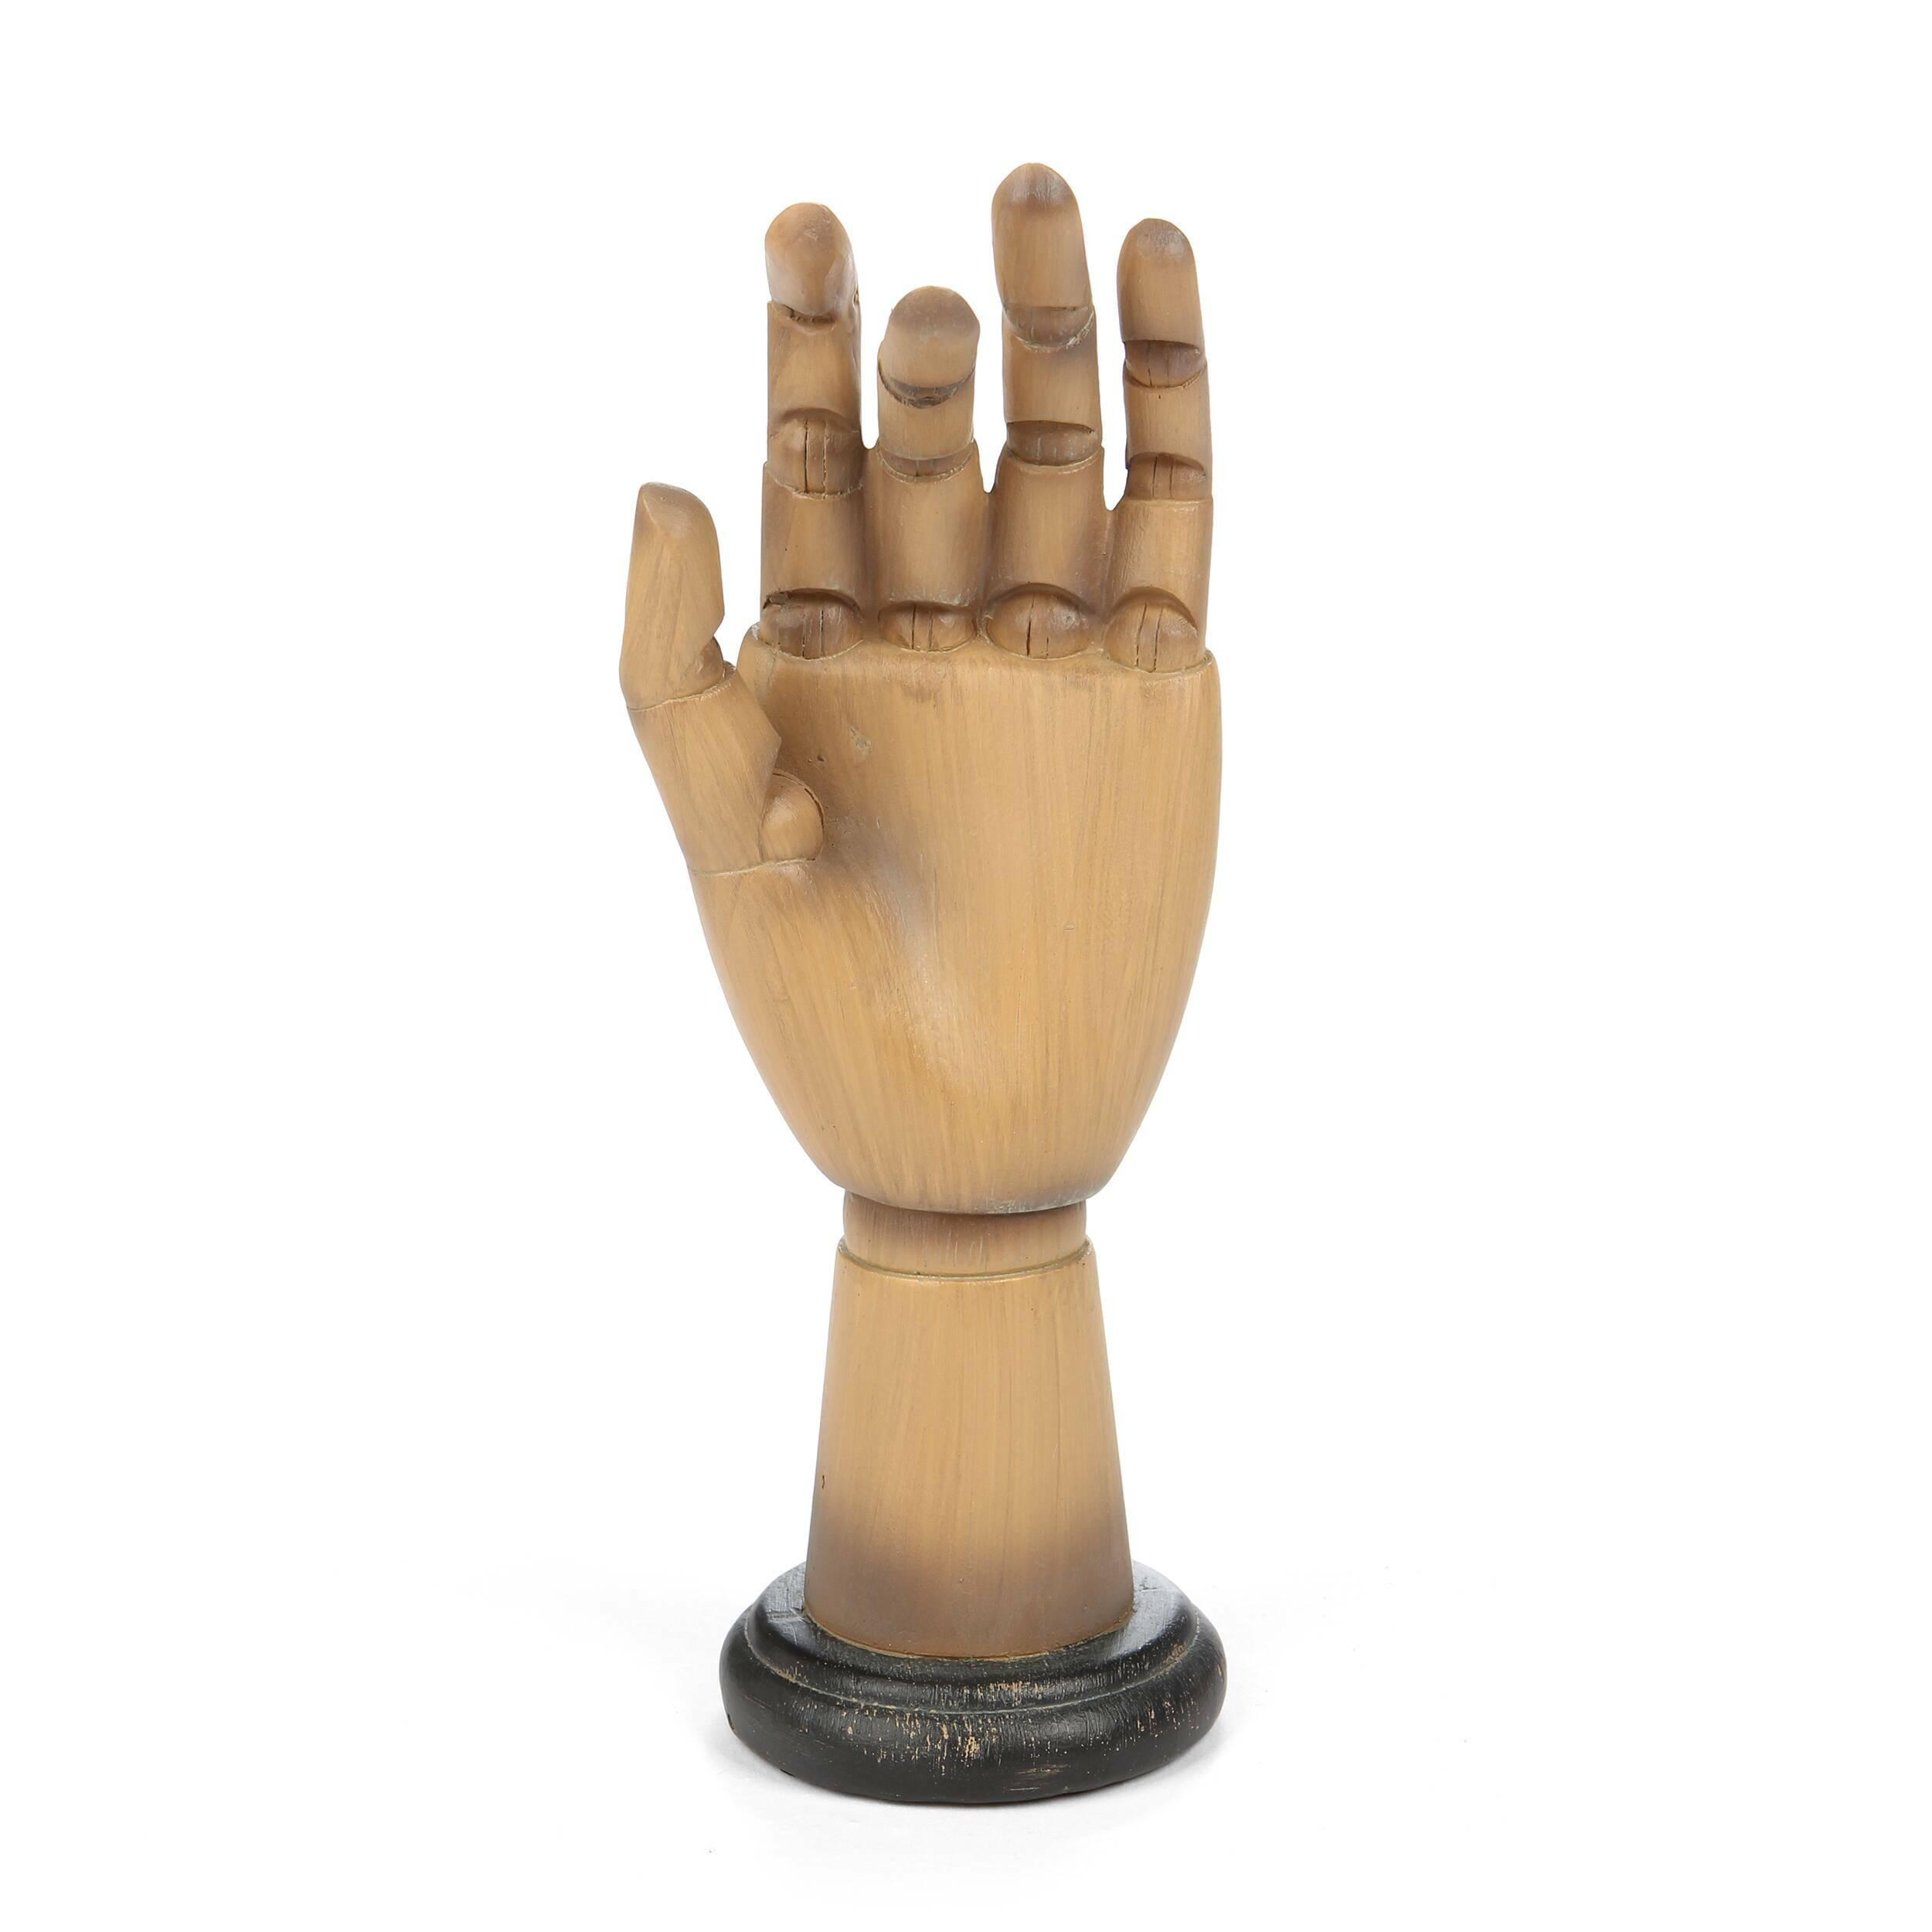 Статуэтка Jewelry Stand 2Настольные<br>Дизайнерская декоративная коричневая статуэтка Jewelry Stand (Юверли Стэнд) из смолы в форме руки от Cosmo (Космо).<br><br><br> У многих женщин, ценящих стиль и красоту, имеется огромное количество украшений и бижутерии. И не удивительно, ведь к любому наряду нужно подобрать свой аксессуар. Но порой очень неудобно хранить все свои многочисленные украшения в коробке или шкатулке, которые уже буквально ломятся от всевозможных брошек, колец и подвесок. Для женщин, любящих порядок и комфорт, существ...<br><br>stock: 6<br>Высота: 24<br>Ширина: 9<br>Материал: Смола<br>Цвет: Коричневый<br>Длина: 9.5<br>Цвет дополнительный: Черный